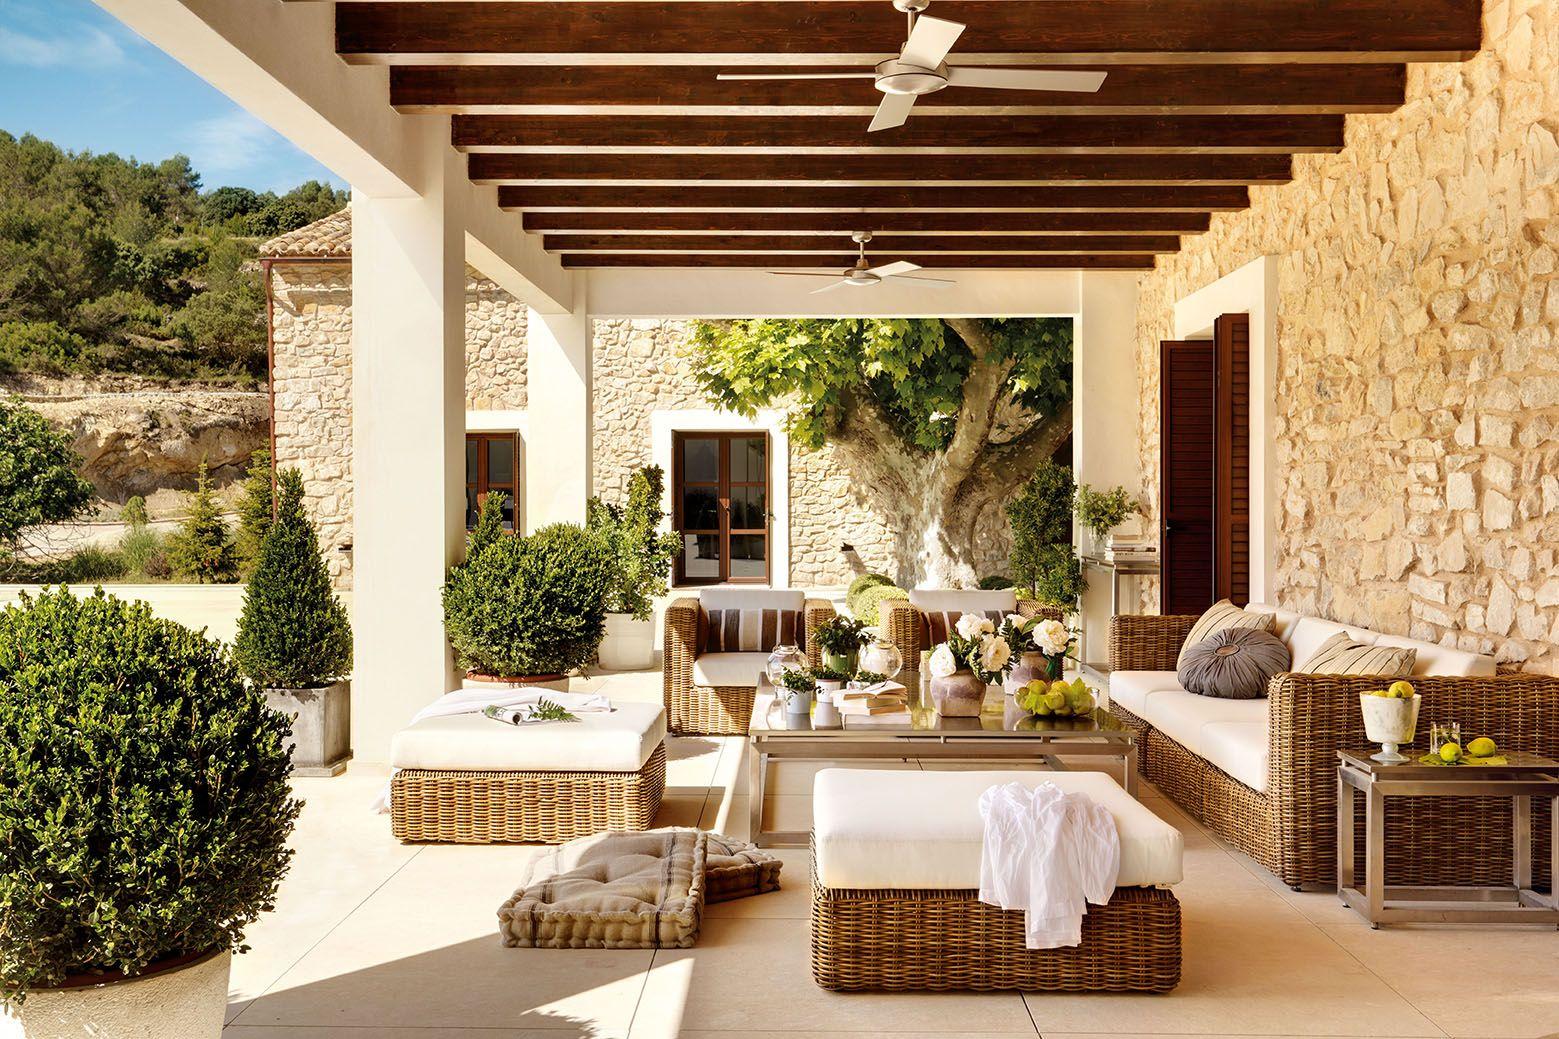 Un porche en tonos c lidos terrazas outdoor rooms - Casas de campo por dentro ...